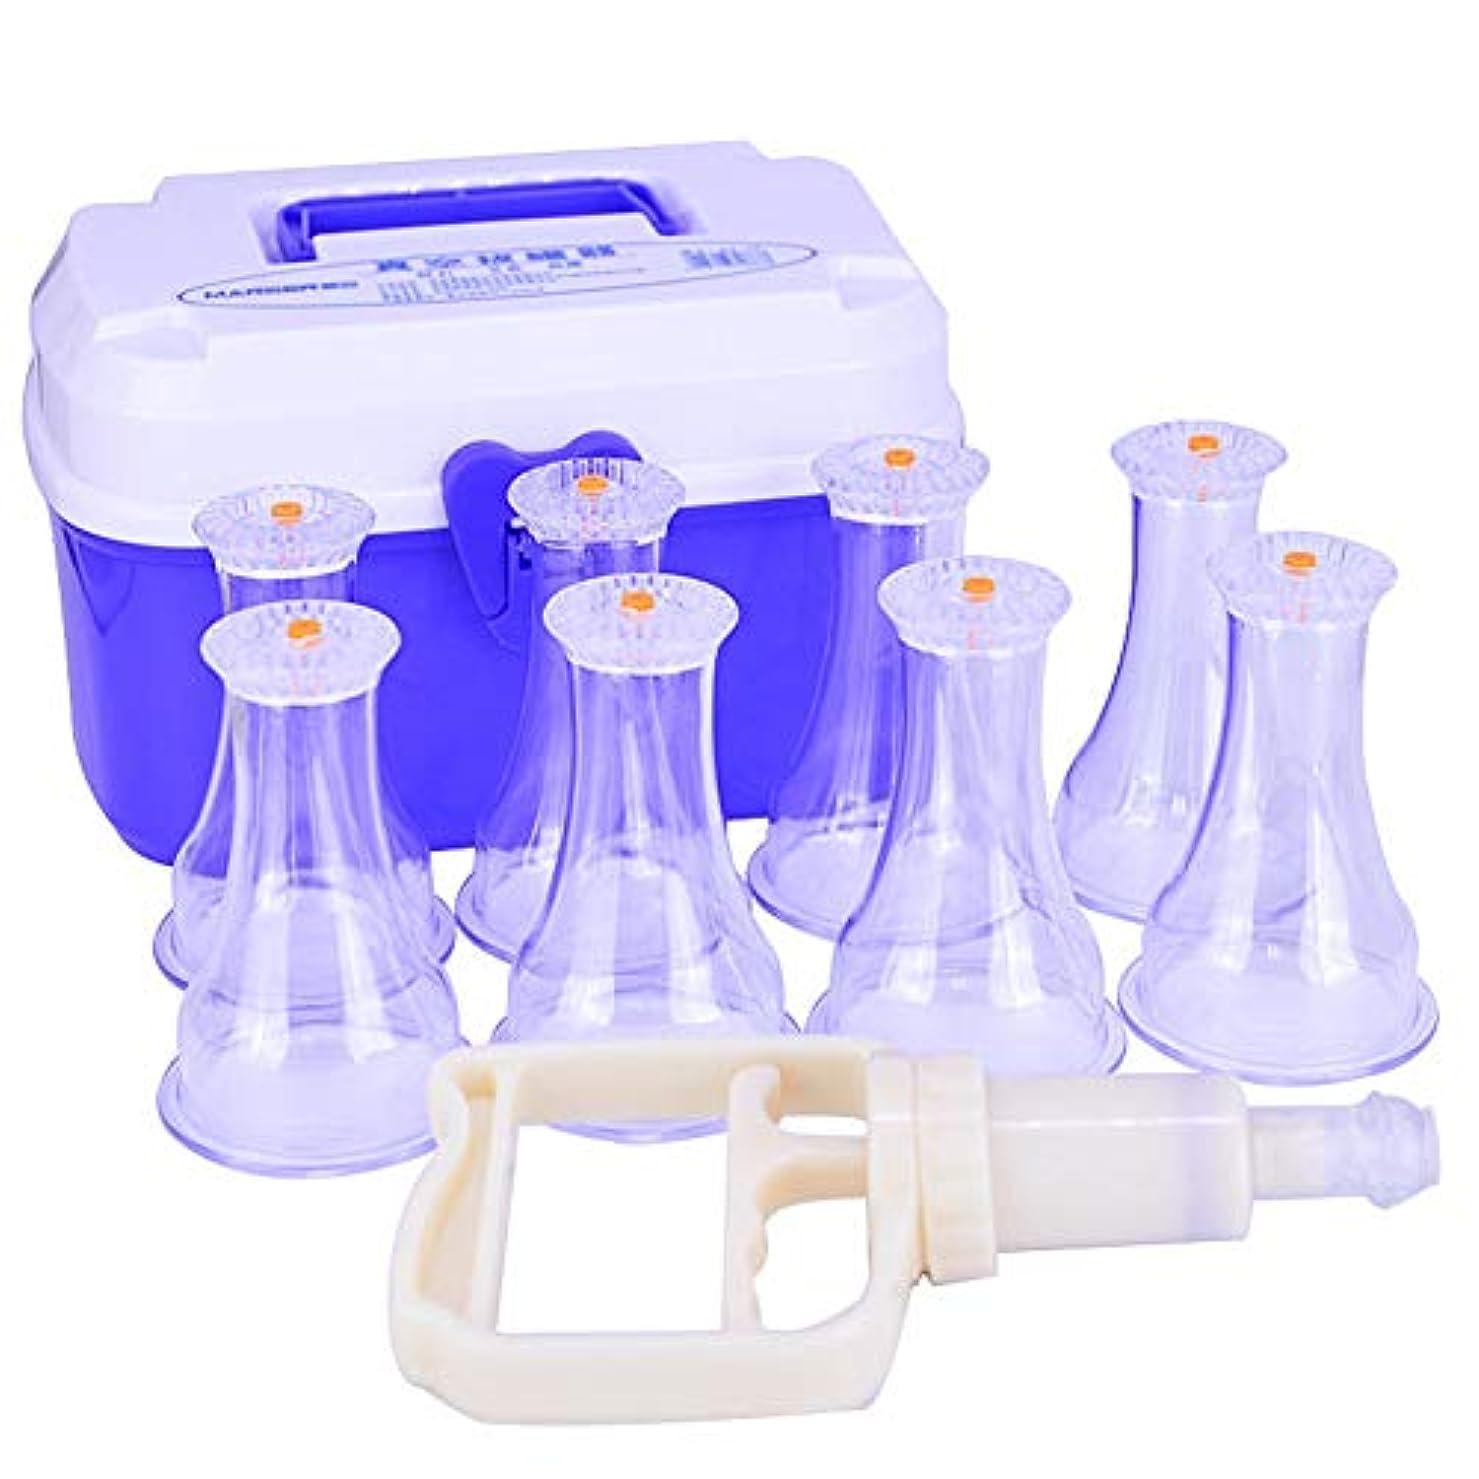 レンダー早熟努力8カップカッピングセットプラスチック、真空吸引生体磁気中国療法カップ、収納ボックスポンプ付き医療、ボディマッサージの痛みを軽減する物理的排泄毒素